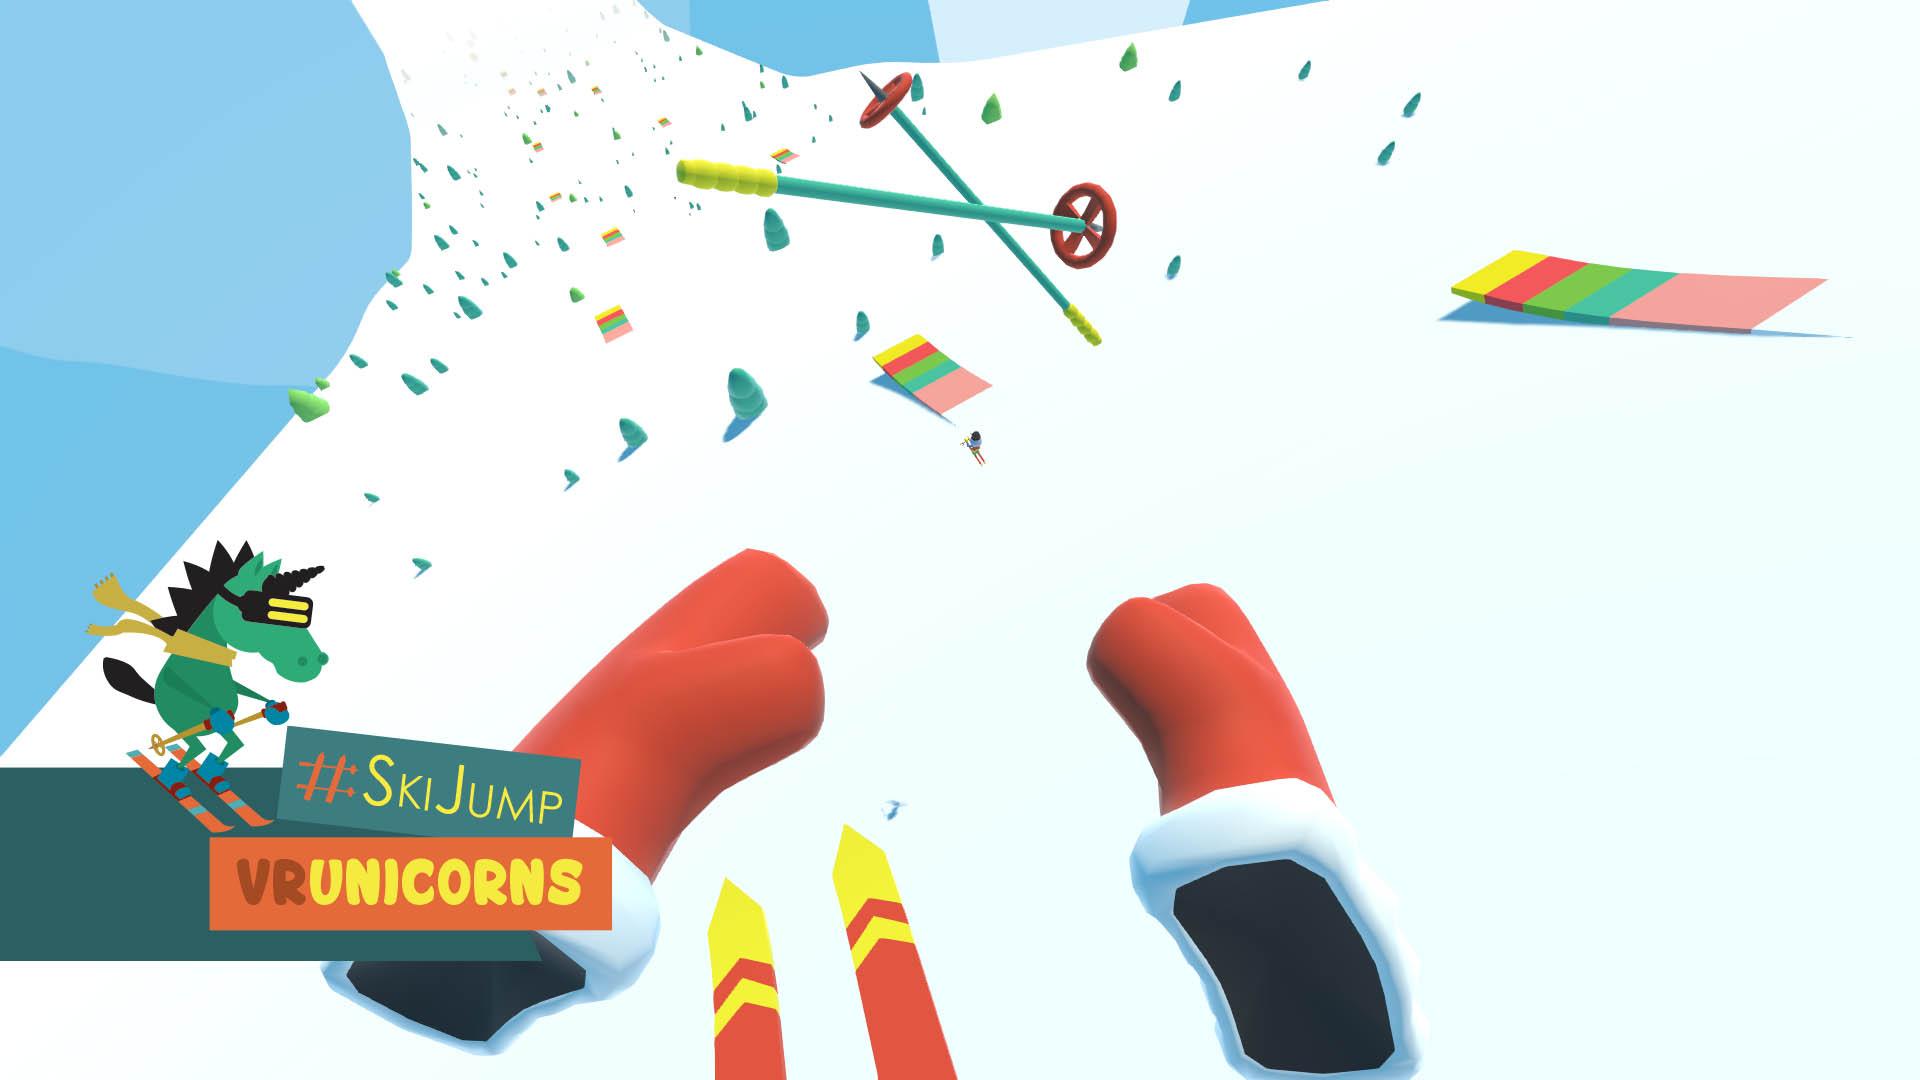 L'univers simpliste et coloré est très réussi et cohérent avec le côté WTF du jeu !